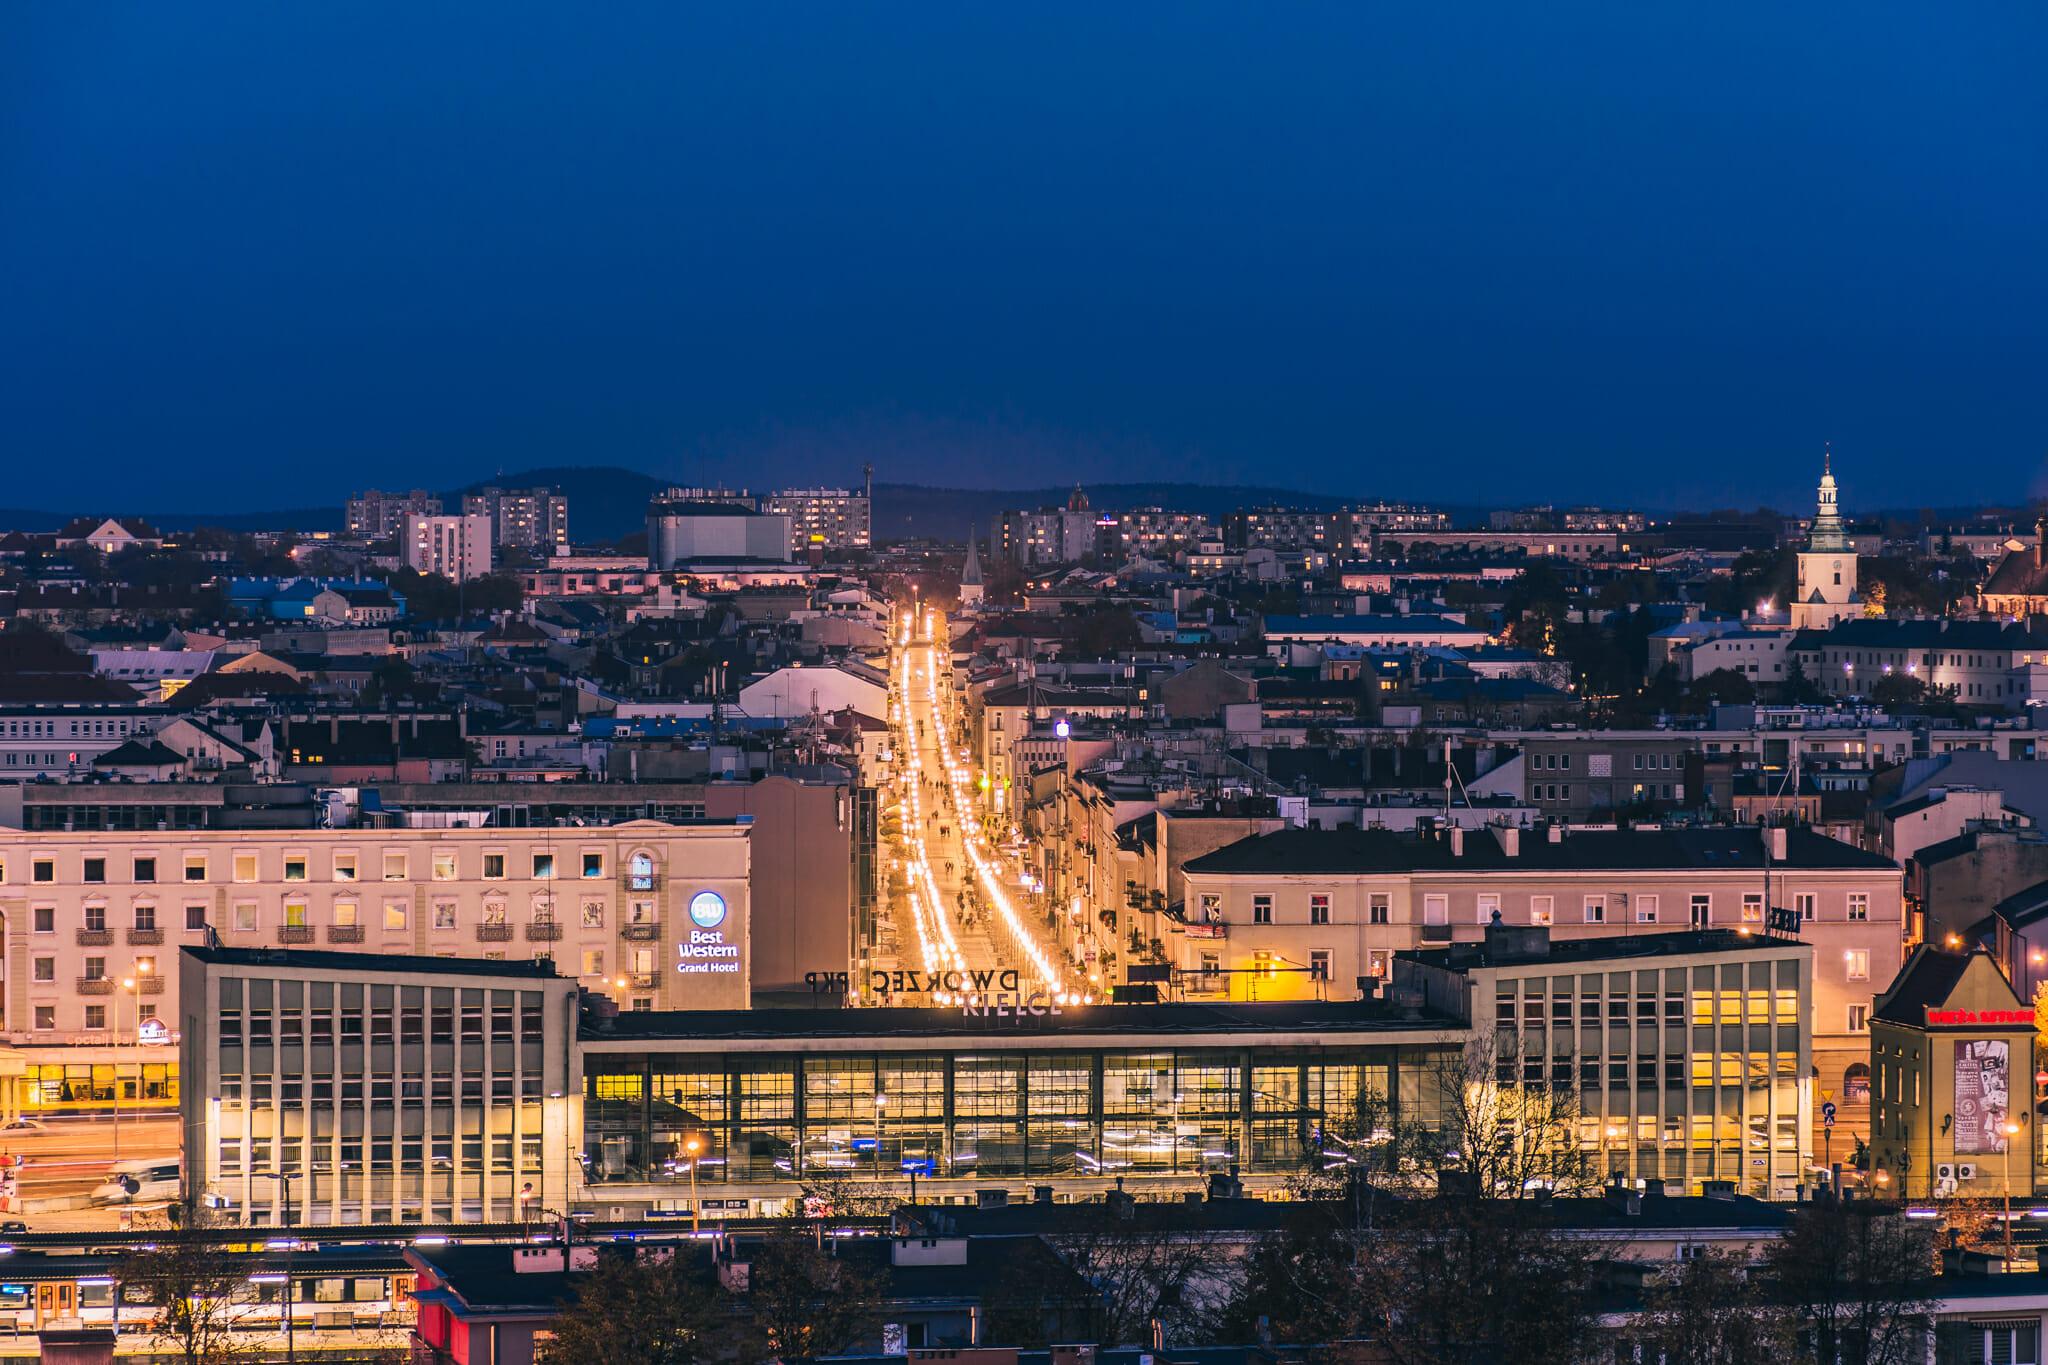 Budowa dworca pkp coraz blizej - w kielcach - www.wkielcach.info